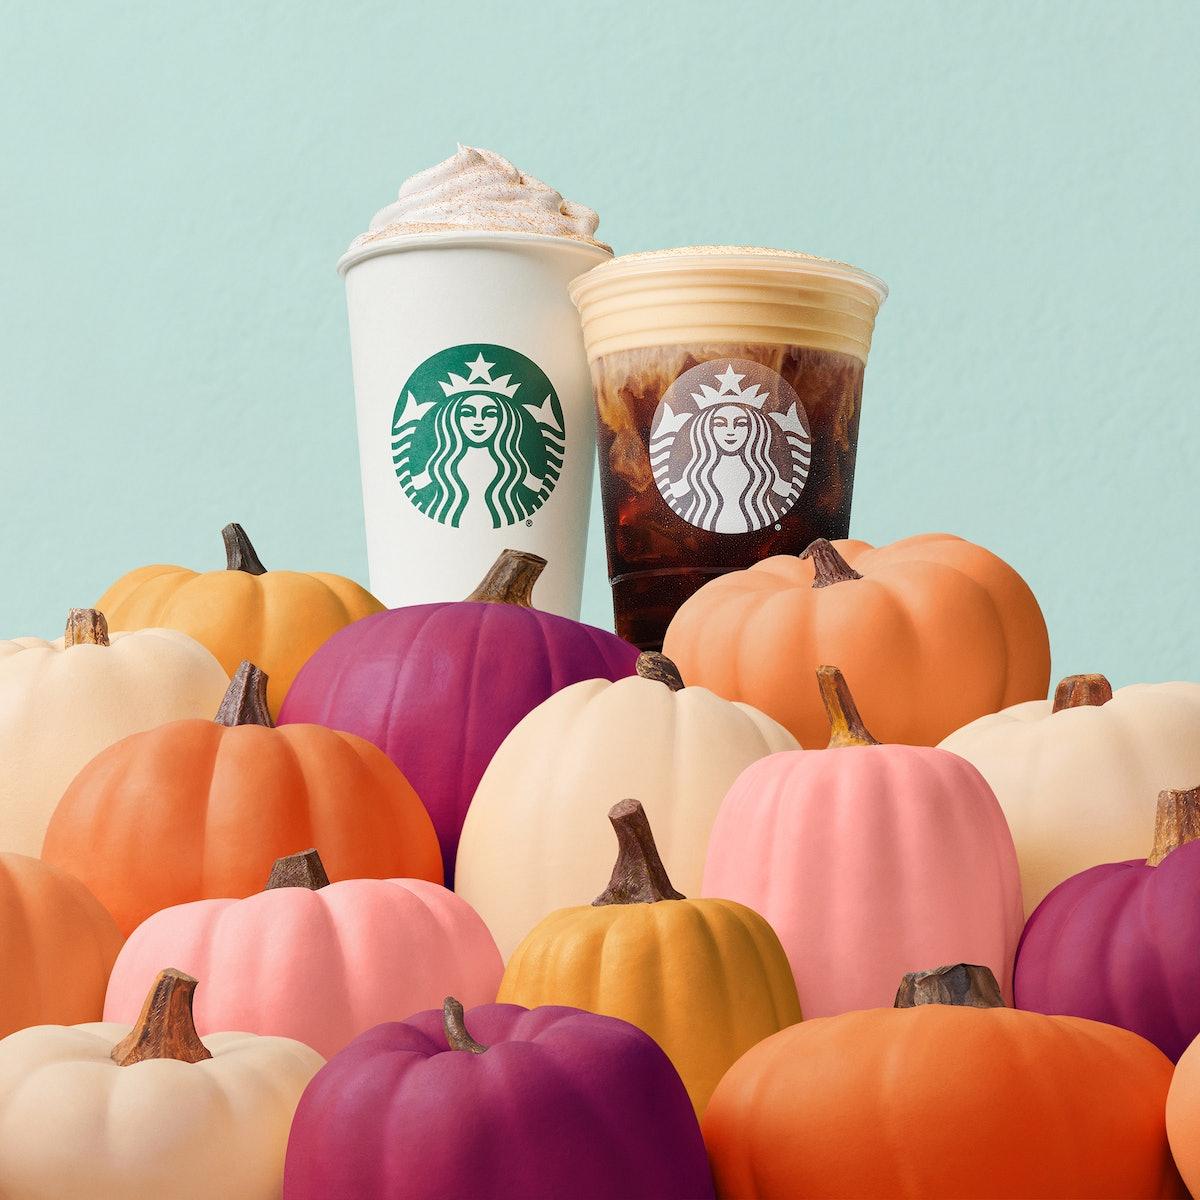 Can you get Starbucks' Pumpkin Spice Latte delivered?